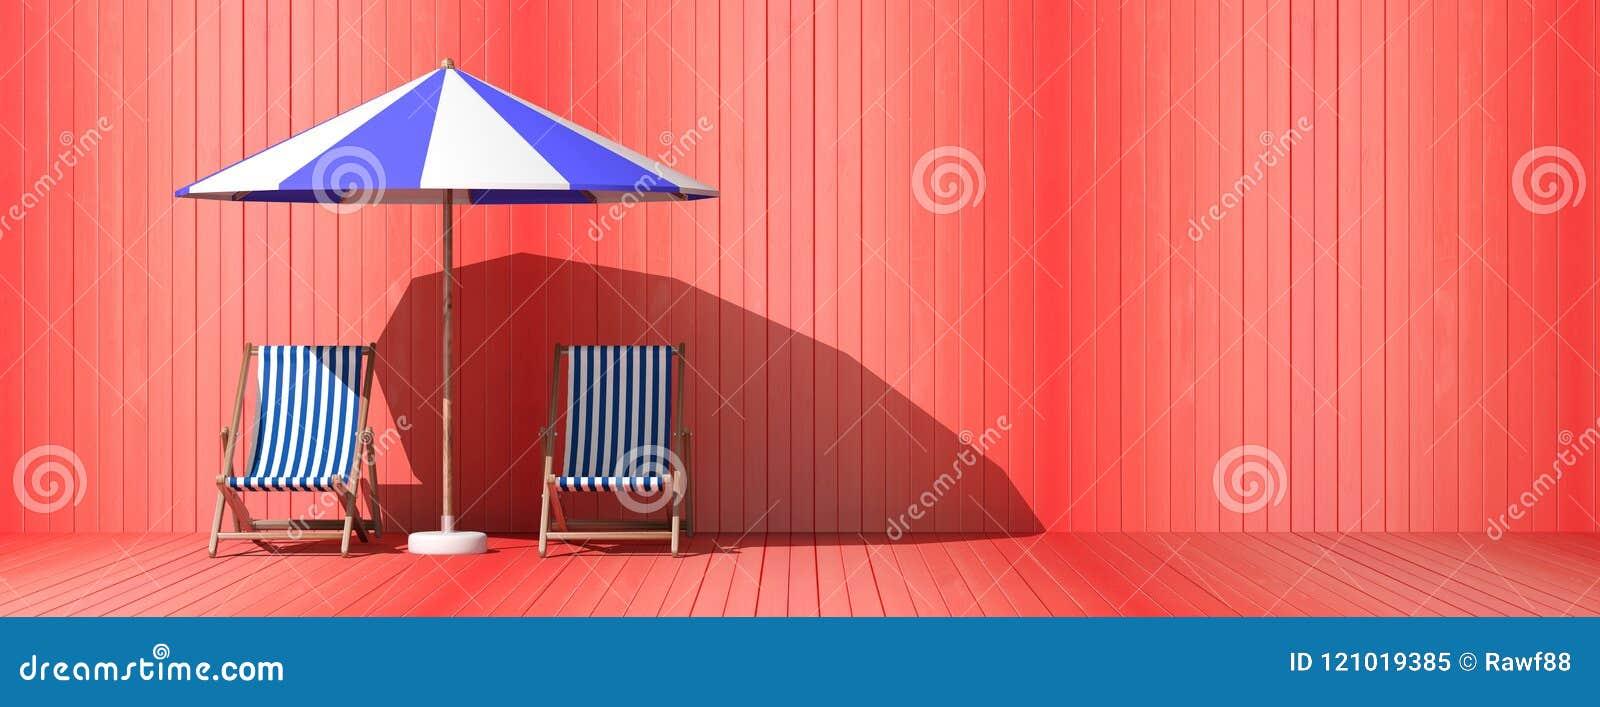 Férias de verão Cadeiras e guarda-chuva de praia no fundo de madeira da parede, bandeira ilustração 3D